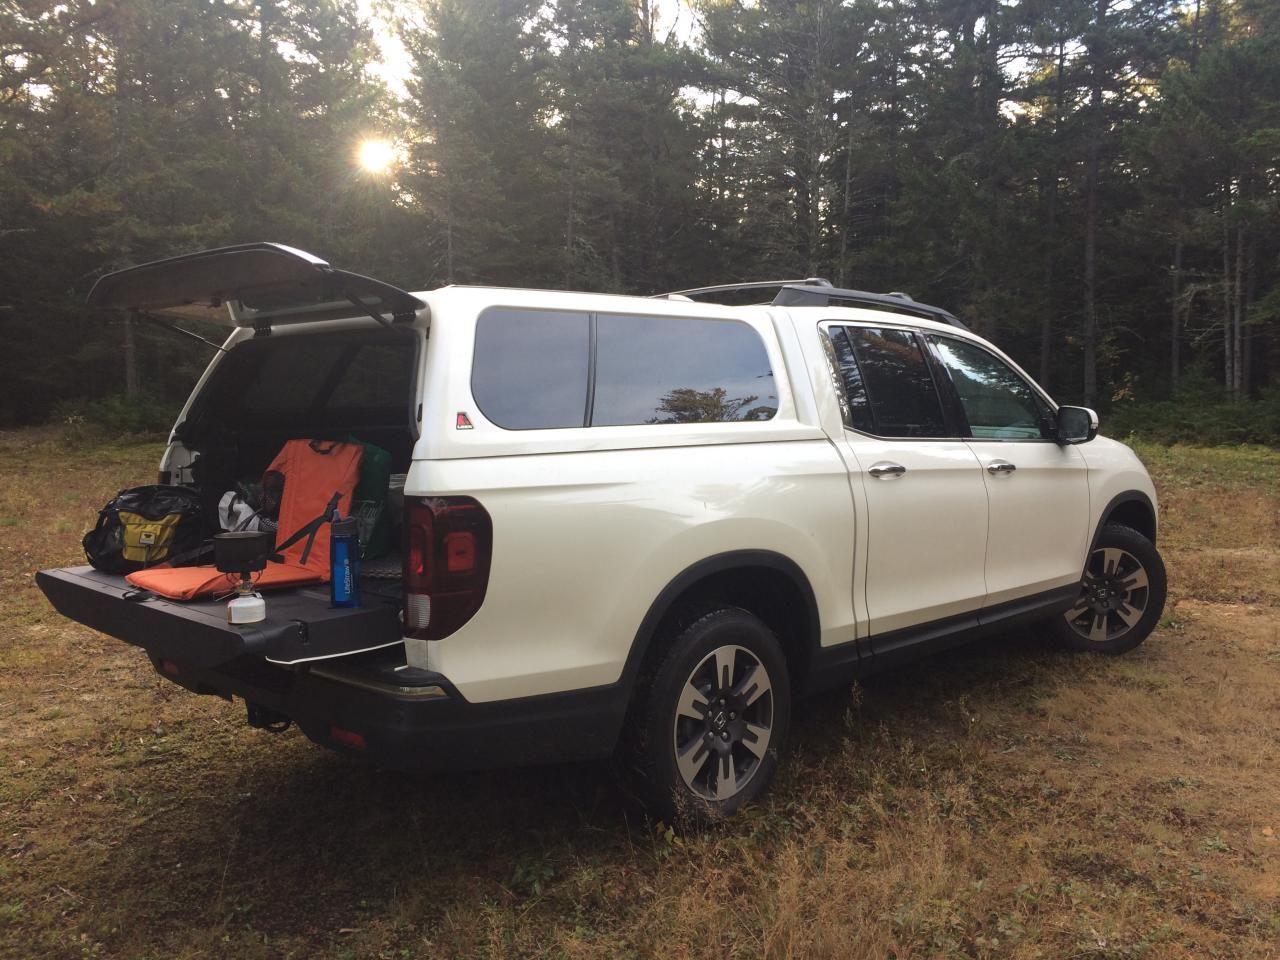 New Leer Camper! Honda Ridgeline Owners Club Forums